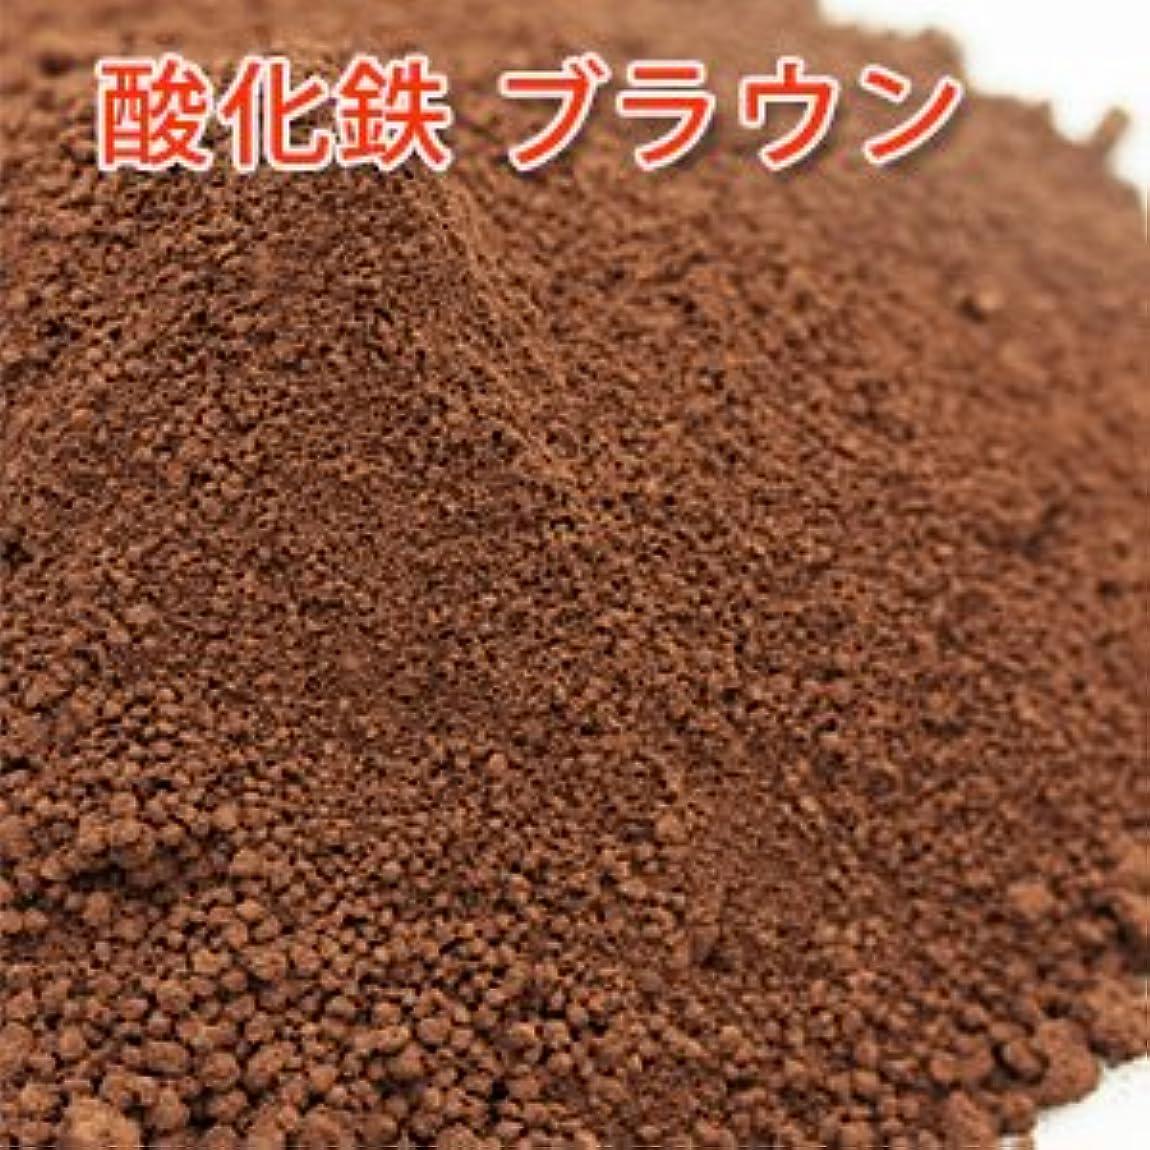 ヘルパー鈍いチューリップ酸化鉄 ブラウン 5g 【手作り石鹸/手作りコスメ/色付け/カラーラント/茶】